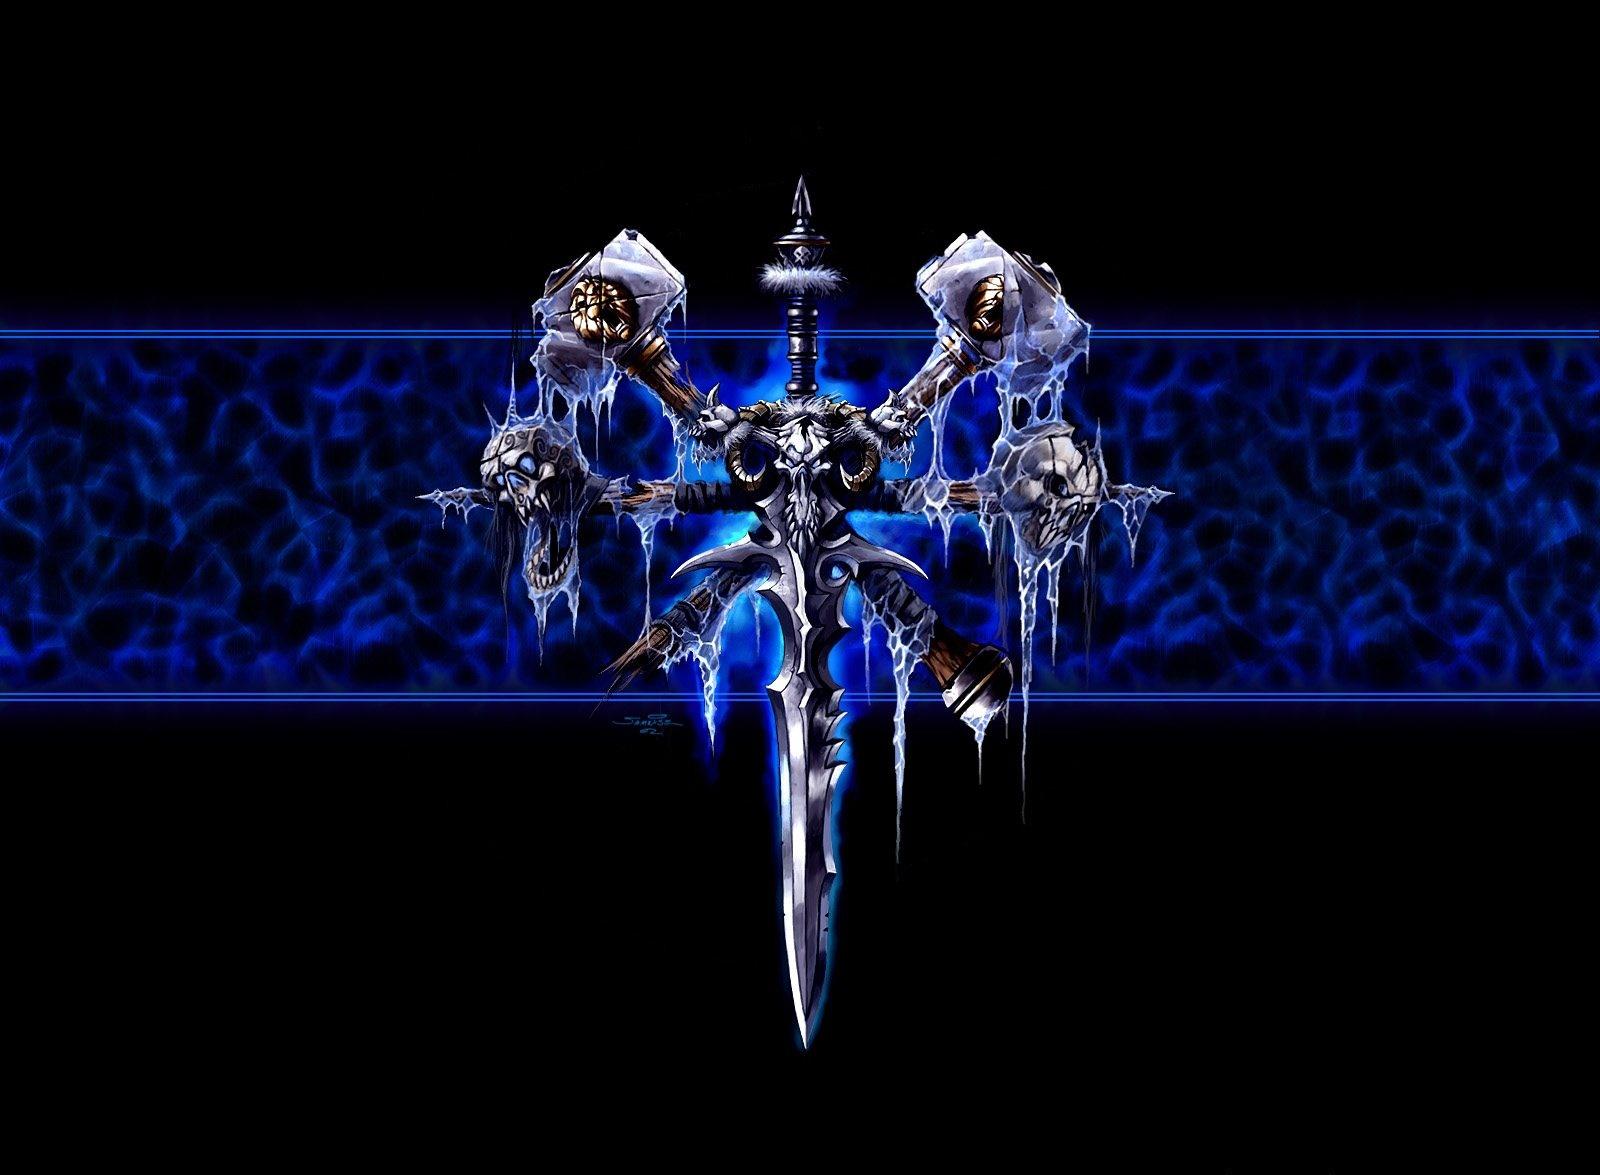 Warcraft 3 Undead